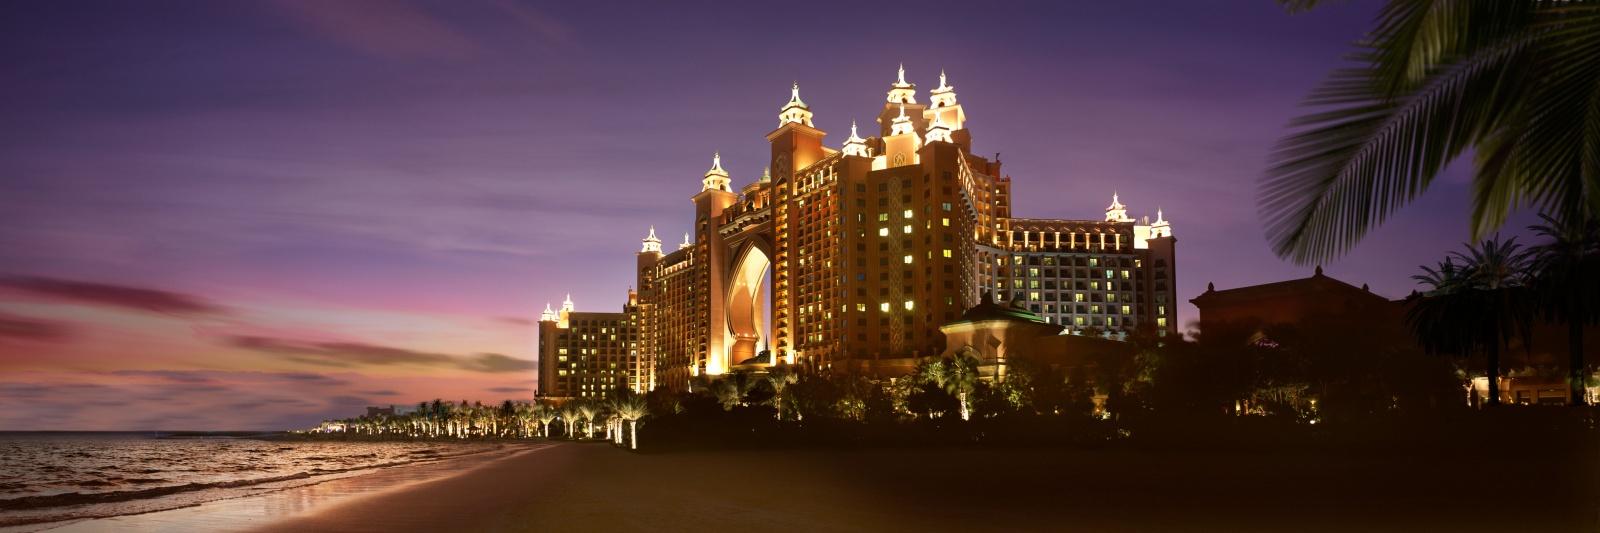 Atlantis Hotel Dubai